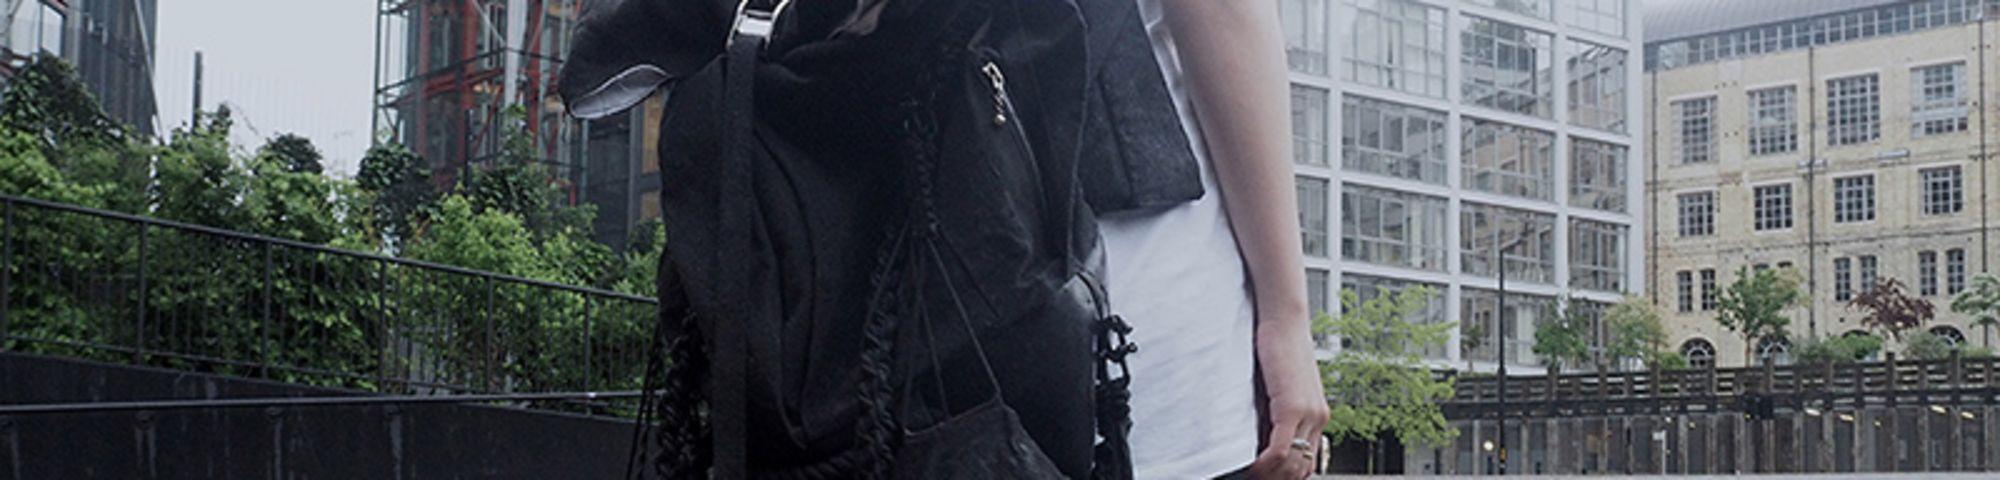 Sunny Sun Fashion Bag image